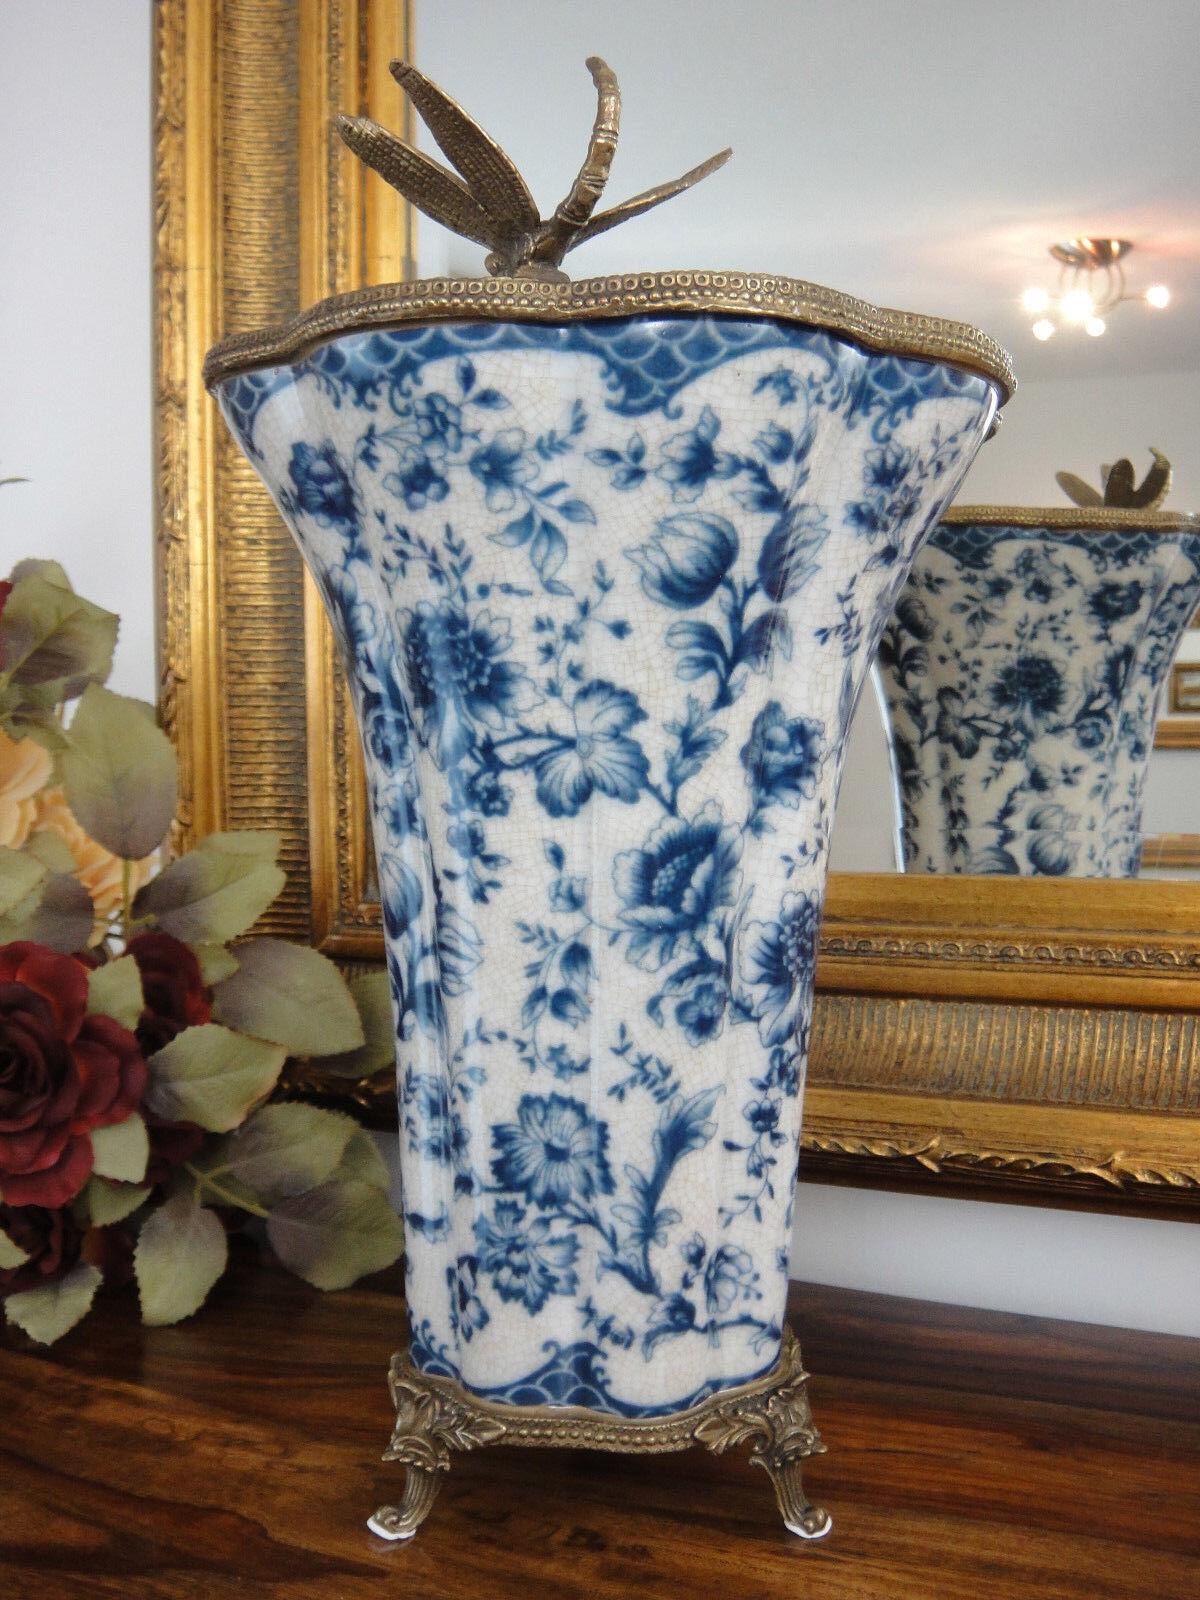 Porcelaine Bronze fleurs fleurs fleurs Art Nouveau Luxe Élégant Coupe Amphore apparat vase antique | Pas Cher  | Finement Traité  | Outlet Online  dd7121